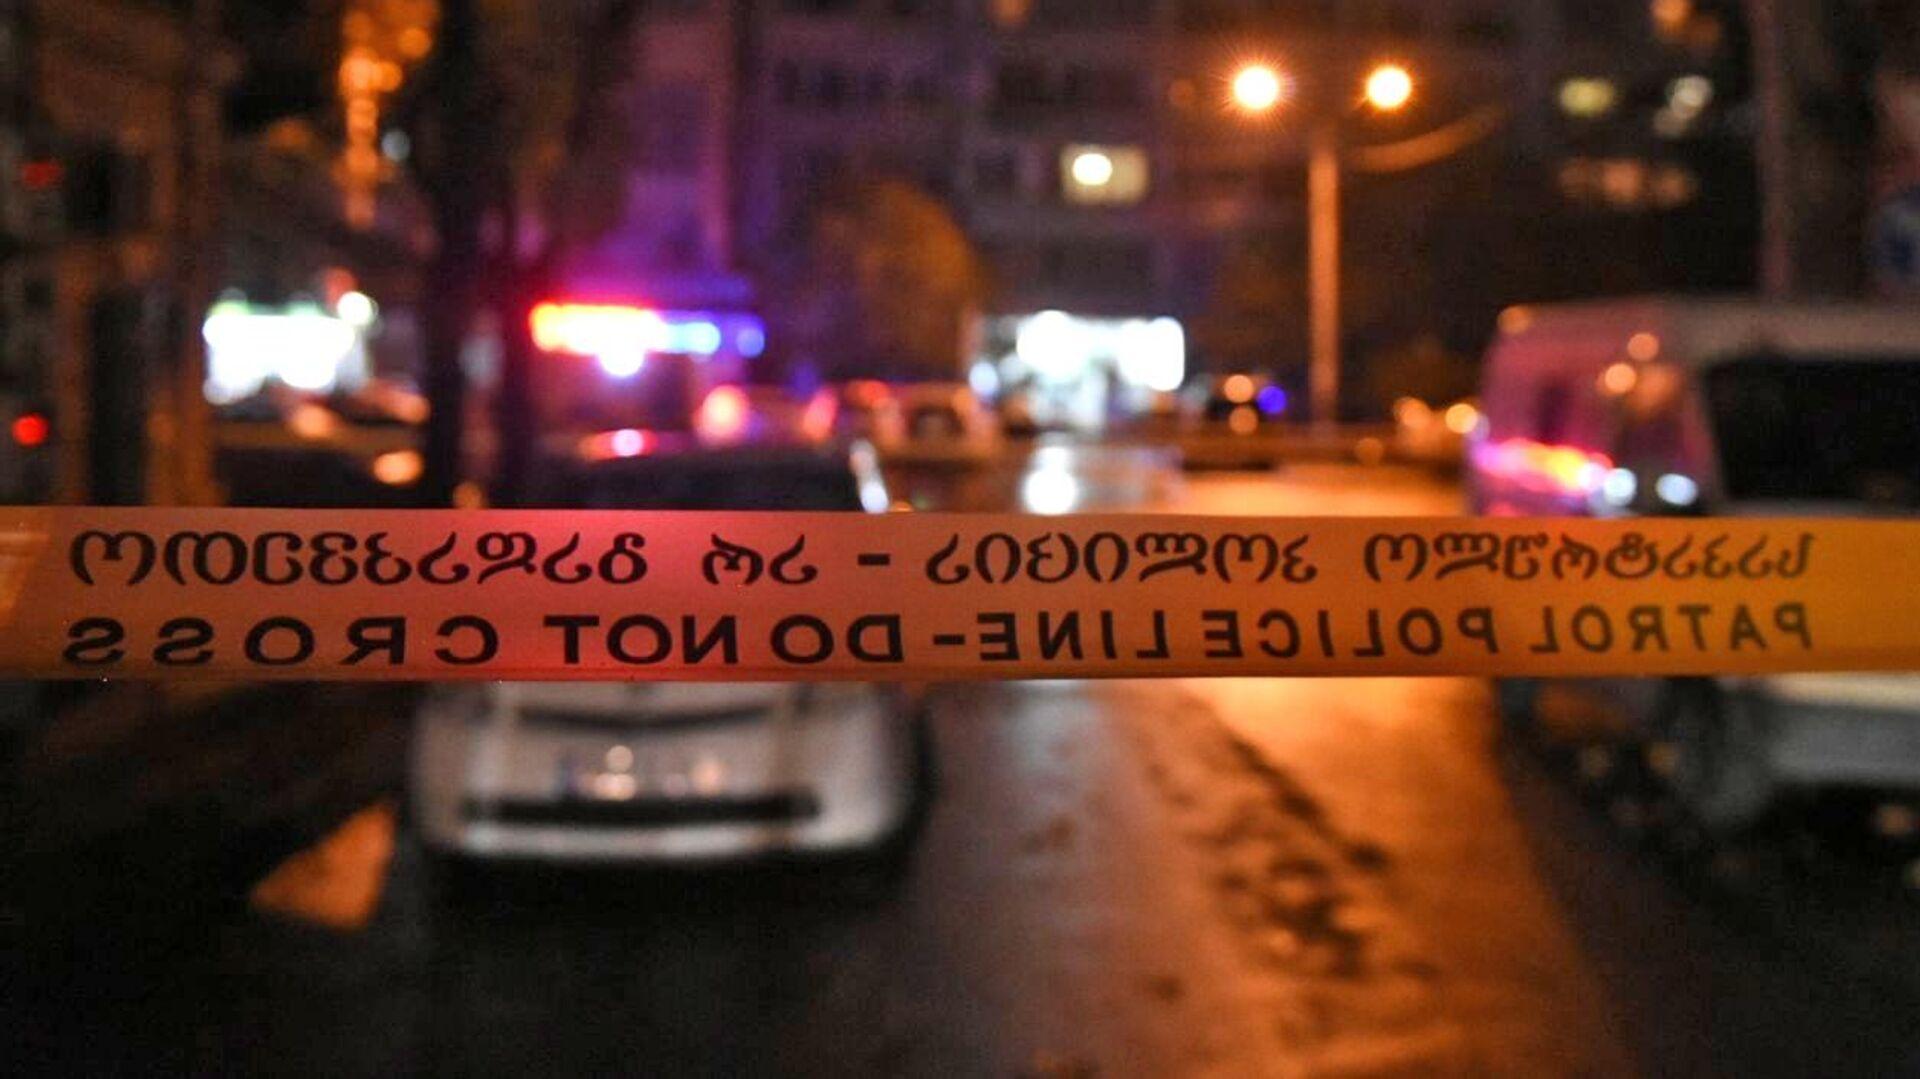 Оцепление на проспекте Церетели в Тбилиси, где вооруженный мужчина, который ворвался в офис микрофинансовой организации, удерживает в заложниках девять человек - РИА Новости, 1920, 21.11.2020